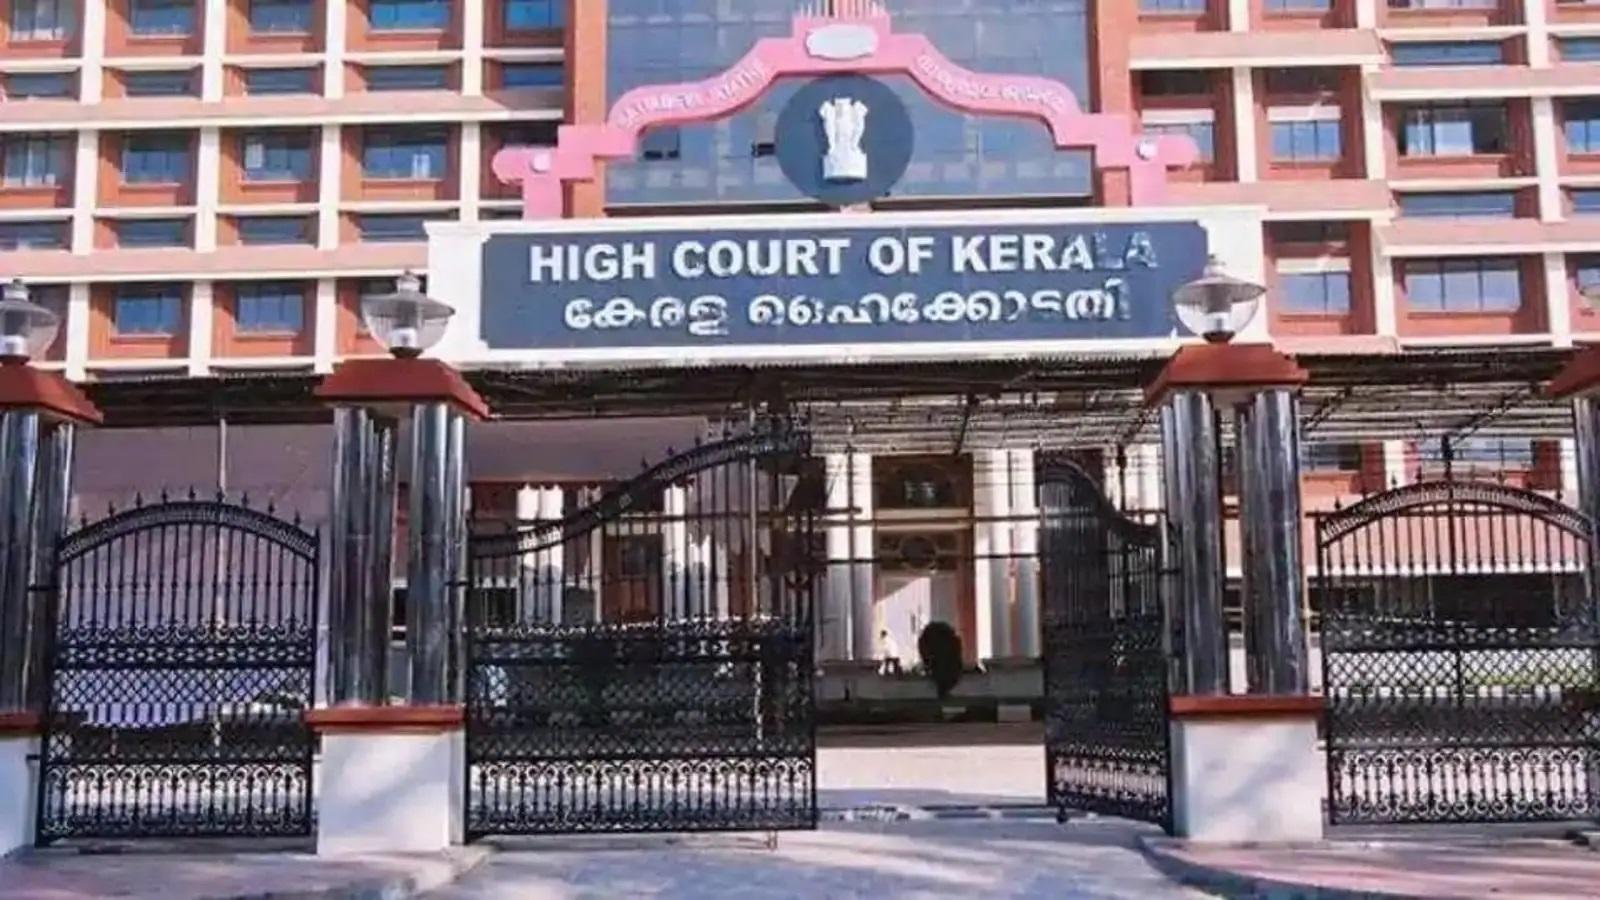 High Court of Kerala Recruitment 2021